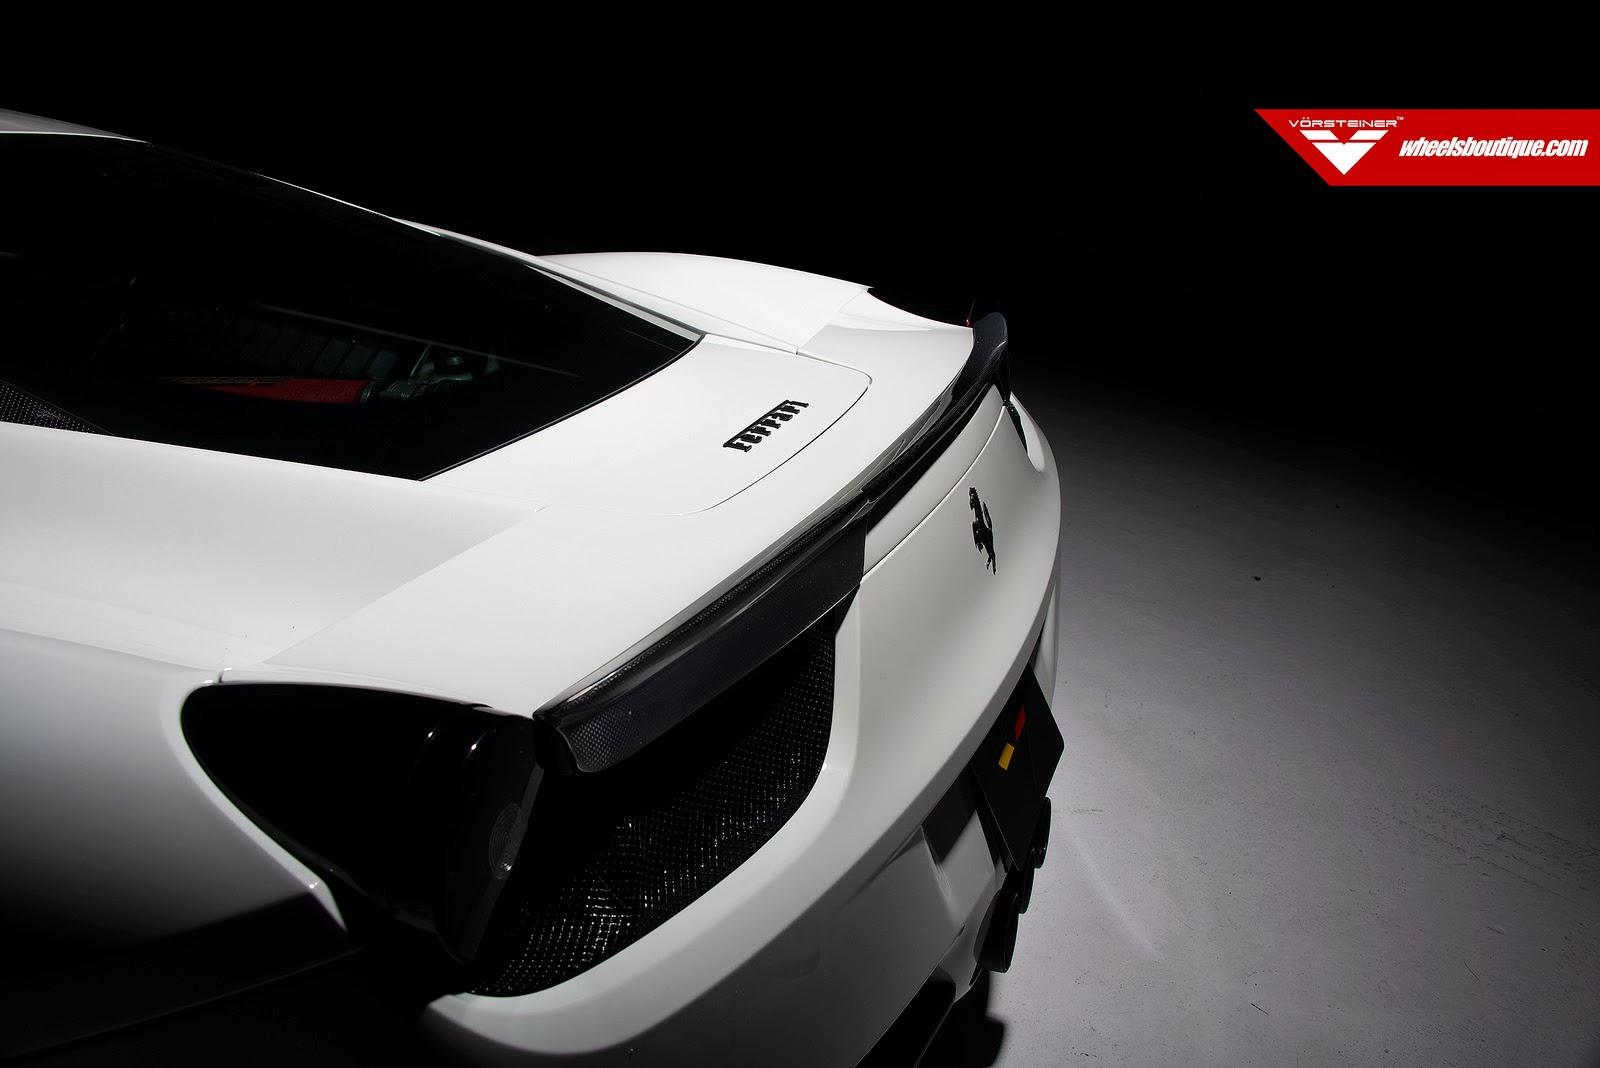 Seamless white Ferrari 458 Italia by Vorsteiner